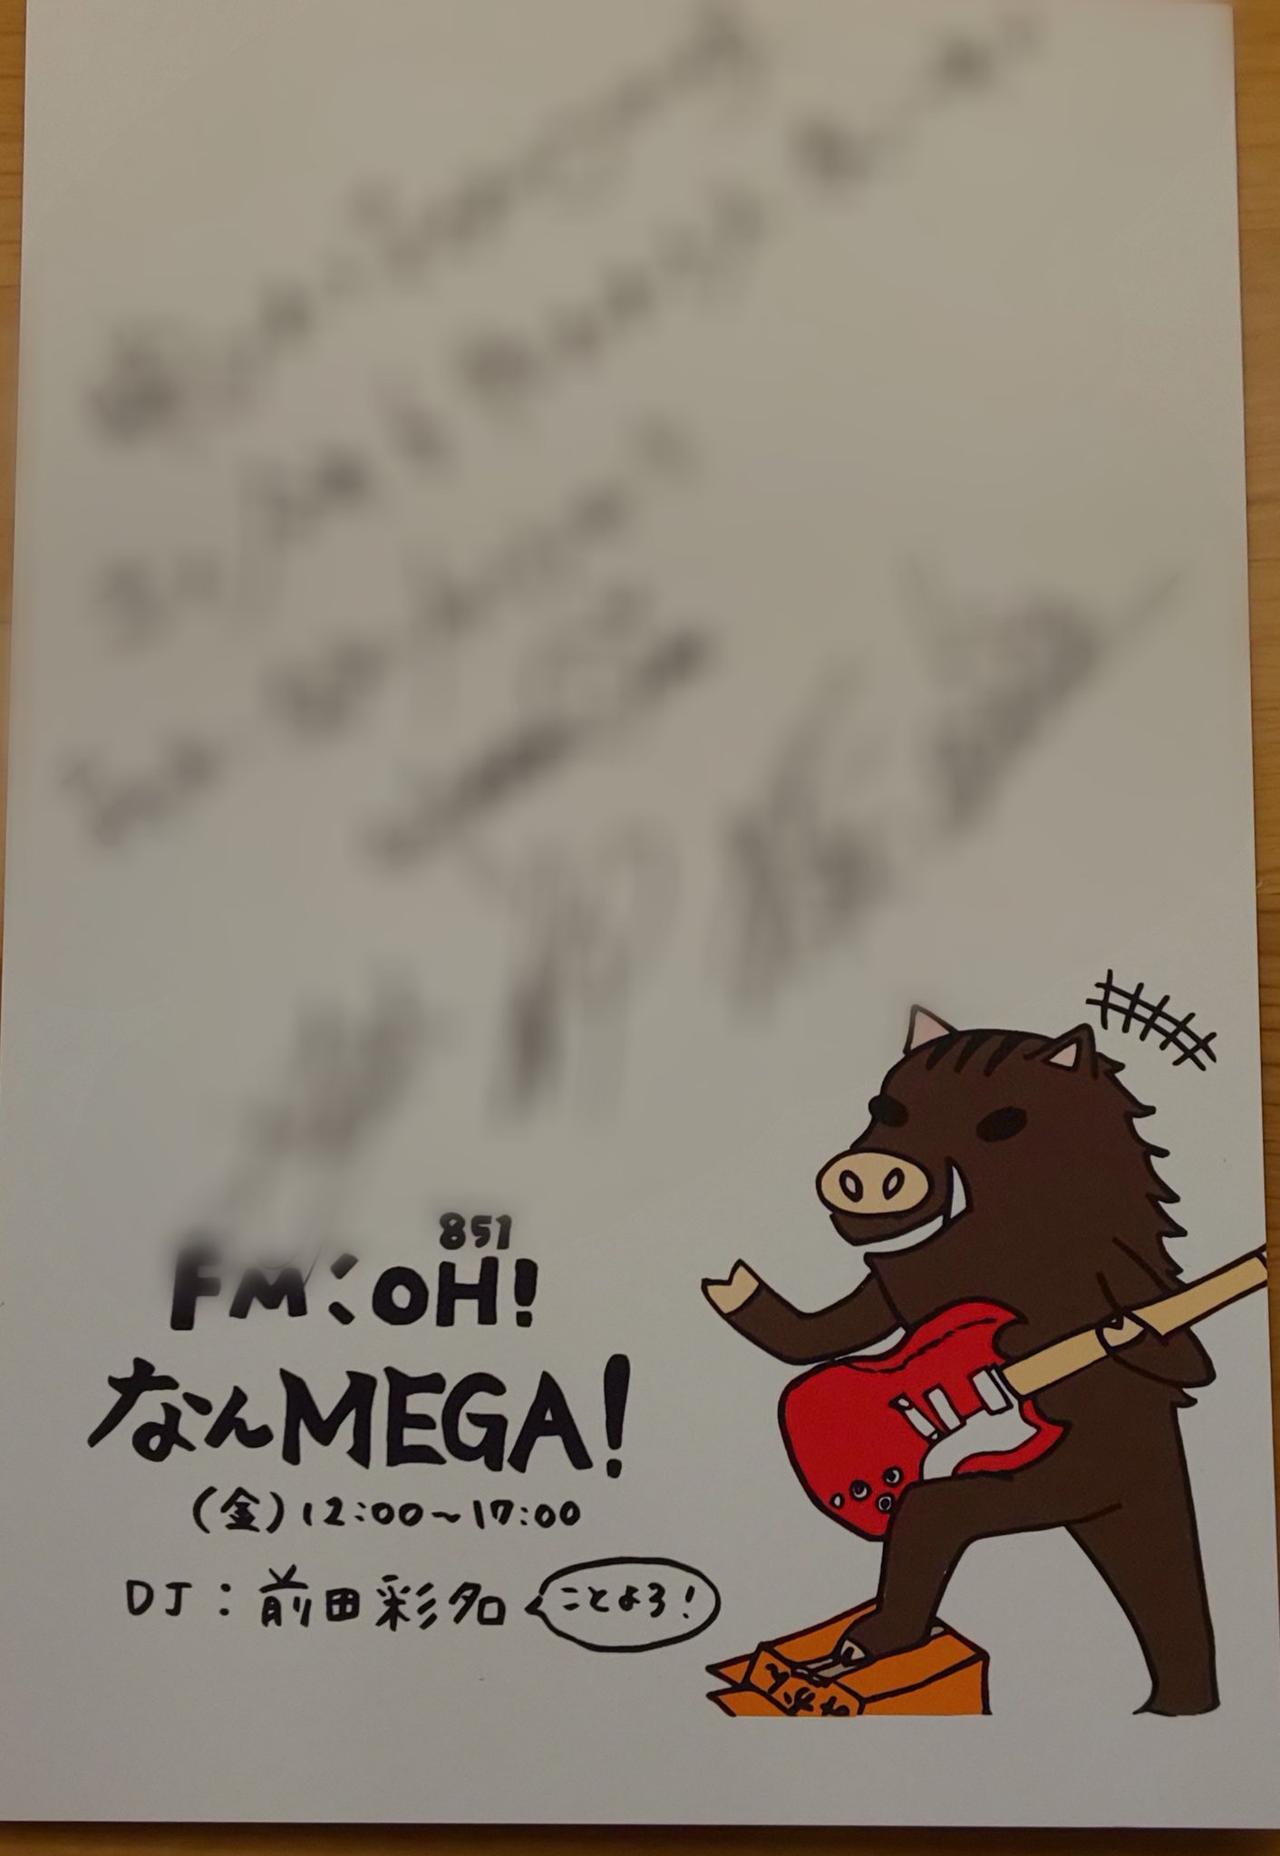 画像10: FM OH! なんMEGA! on Twitter twitter.com